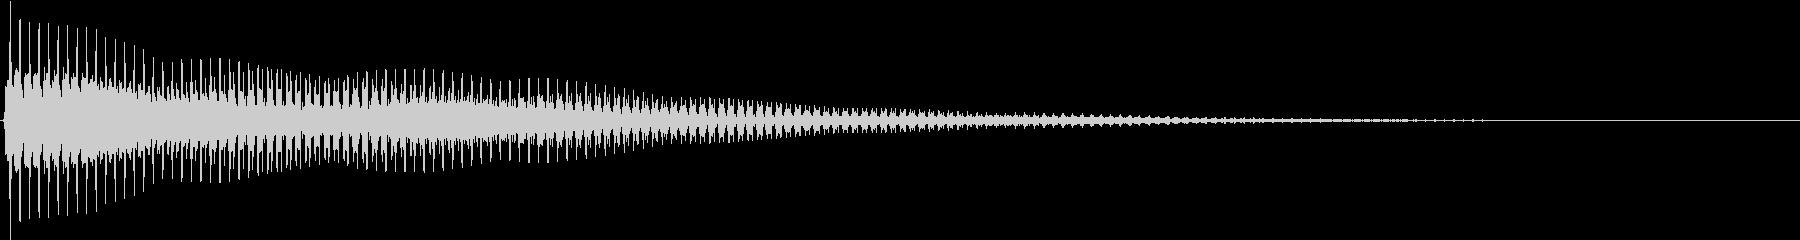 ポーン 電子 鐘 低め 合図の未再生の波形